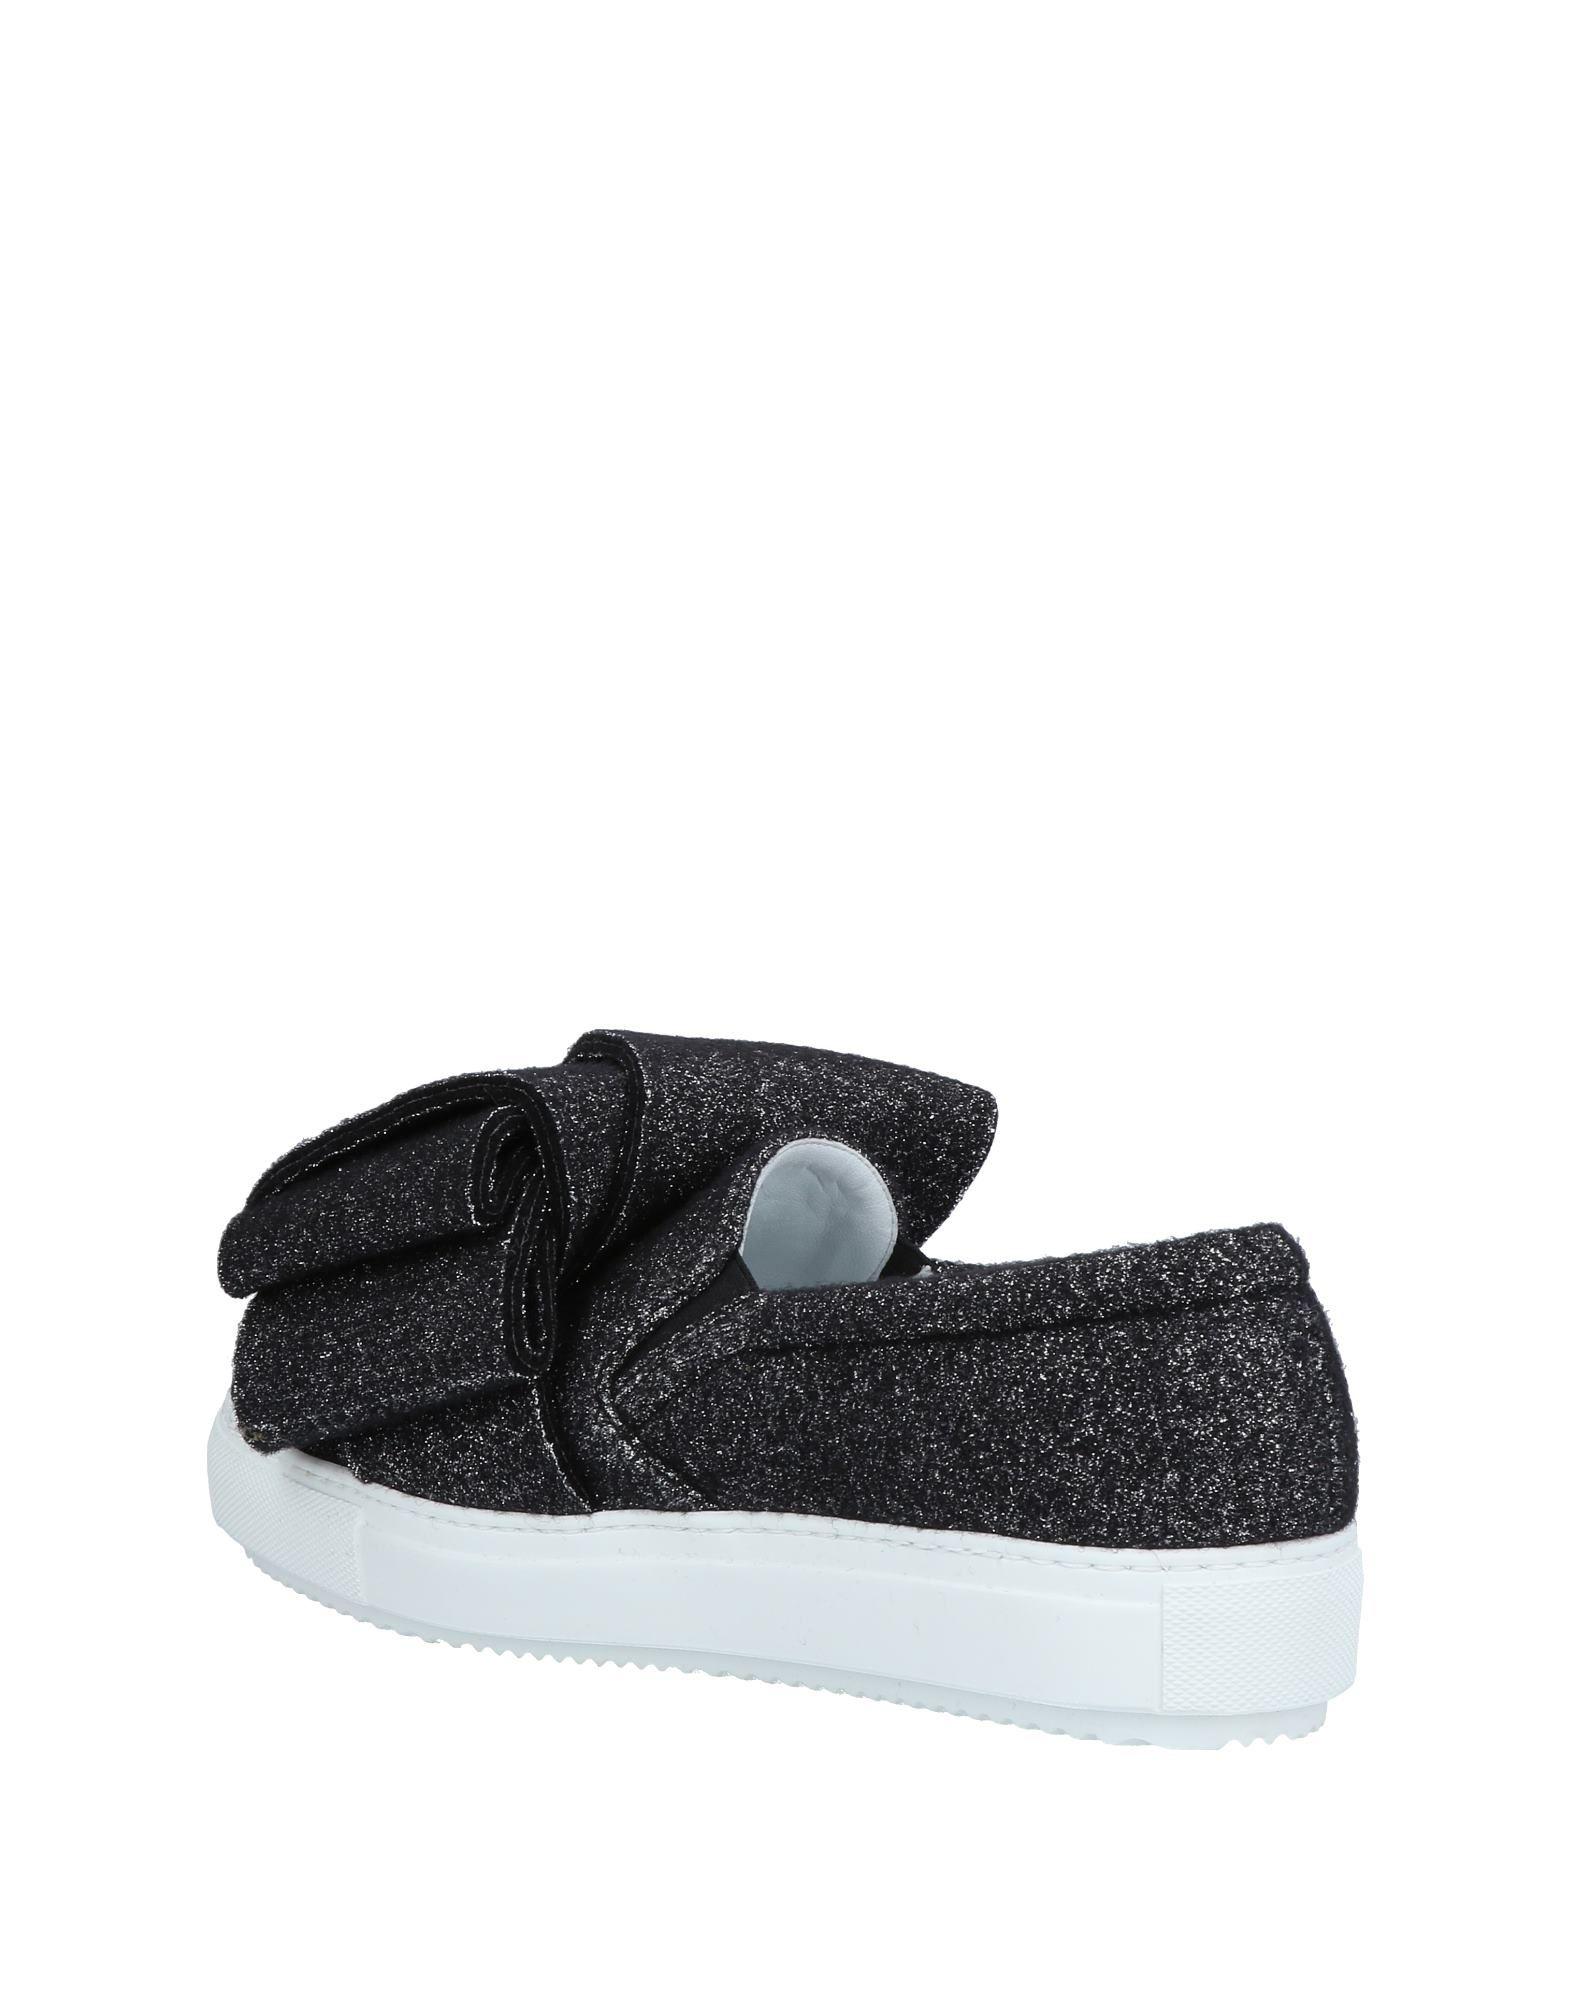 Olivia's Bow Sneakers Damen  11461652DP Gute Qualität beliebte beliebte beliebte Schuhe a0ab3b